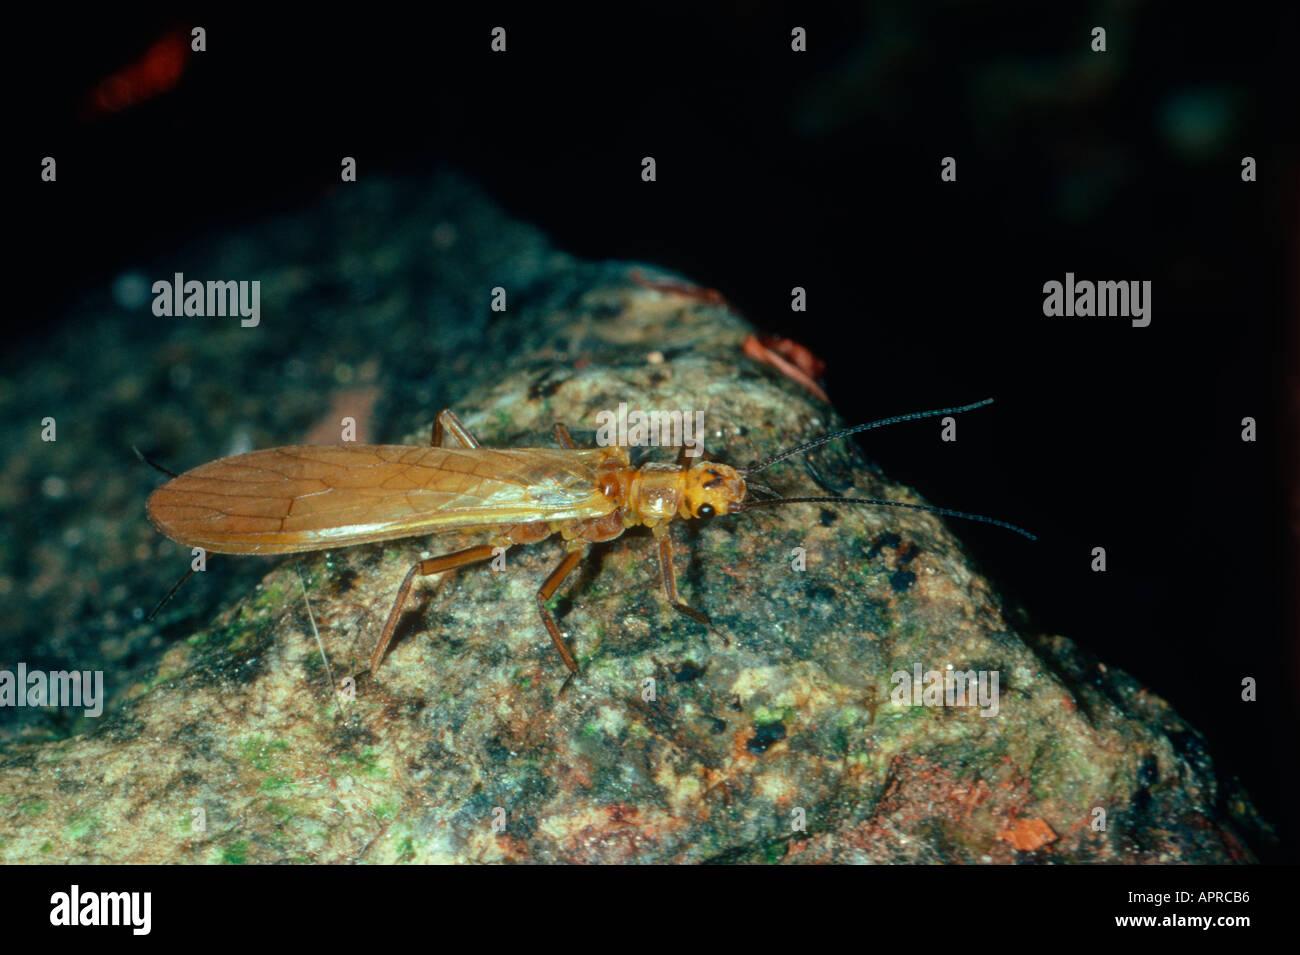 Stonefly, Perla sp. On stone - Stock Image